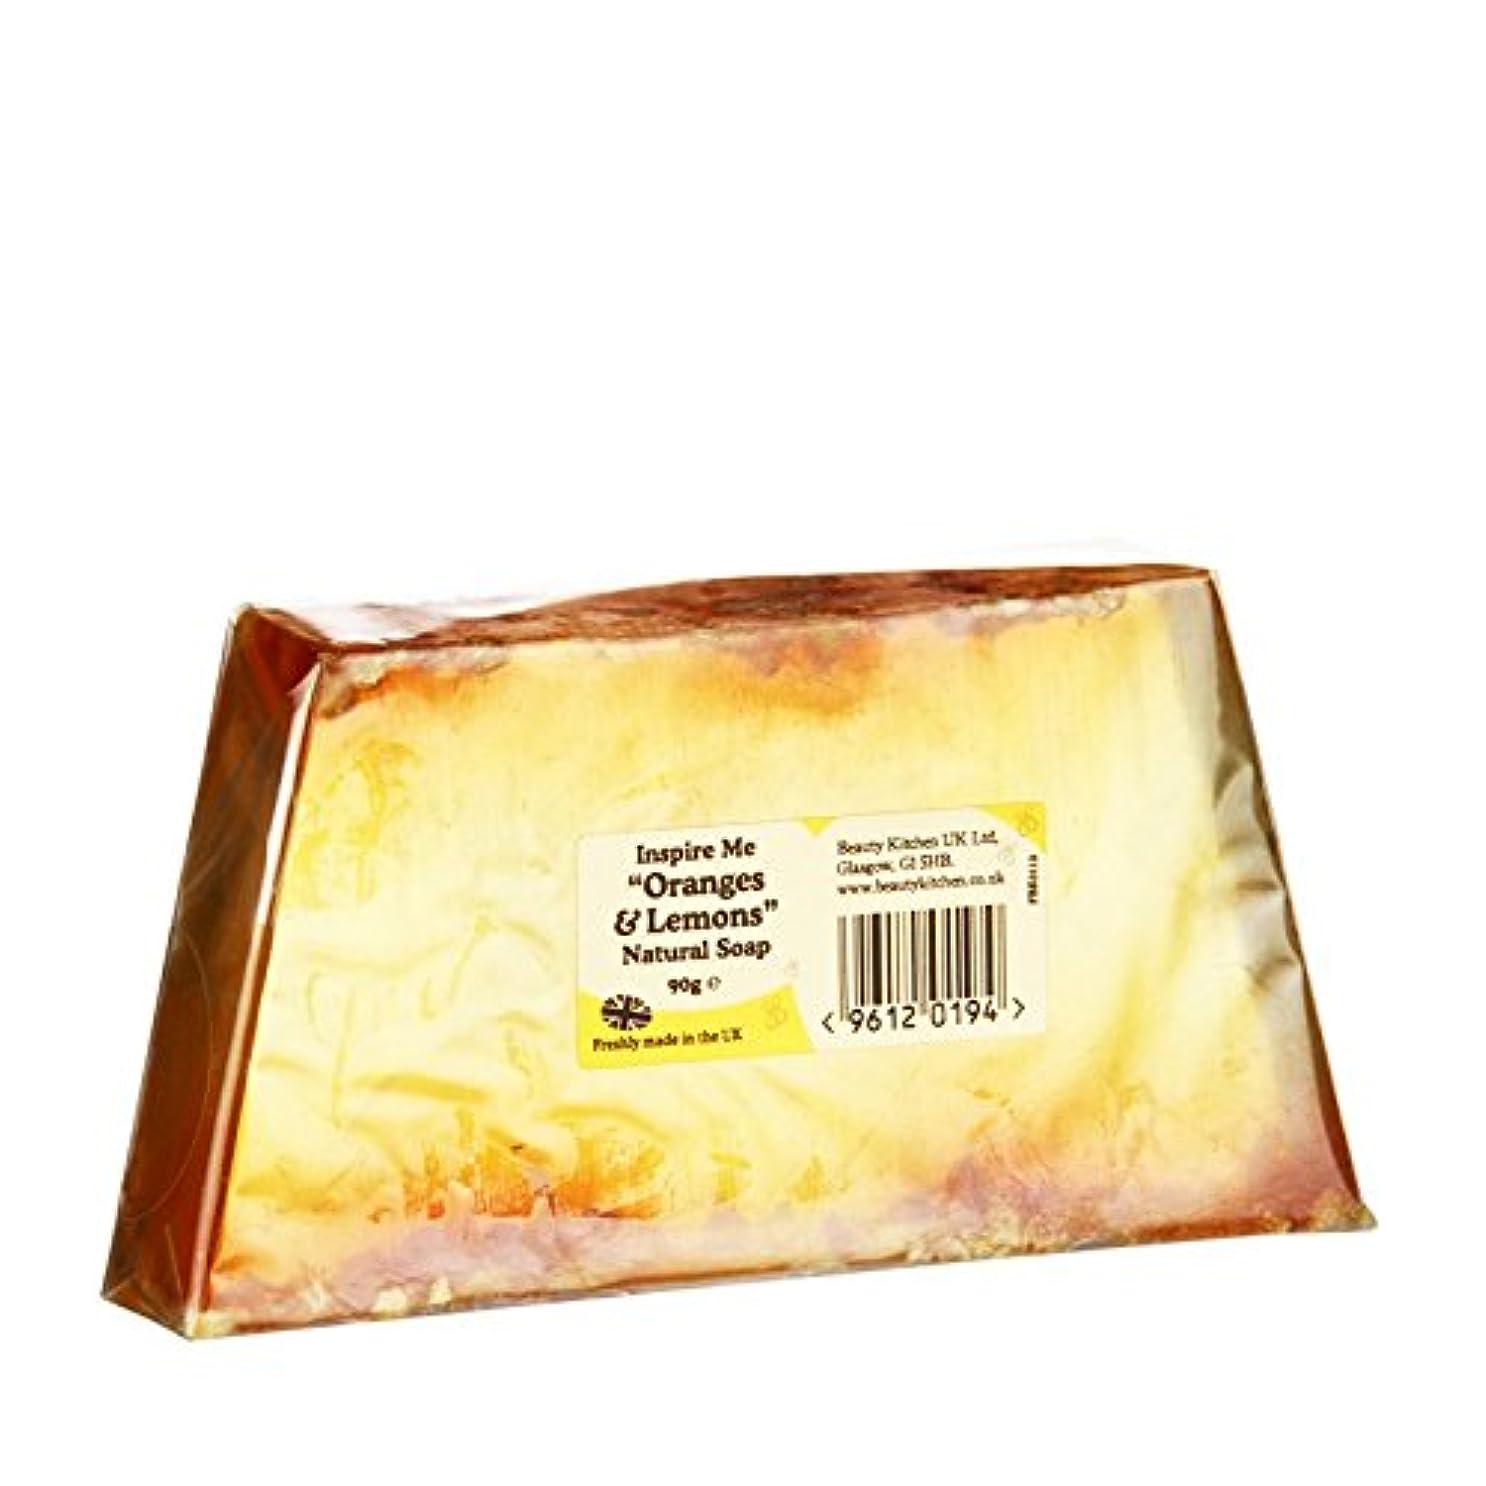 美しさのキッチンは私がオレンジ&レモンの天然石鹸90グラム鼓舞します - Beauty Kitchen Inspire Me Orange & Lemon Natural Soap 90g (Beauty Kitchen...